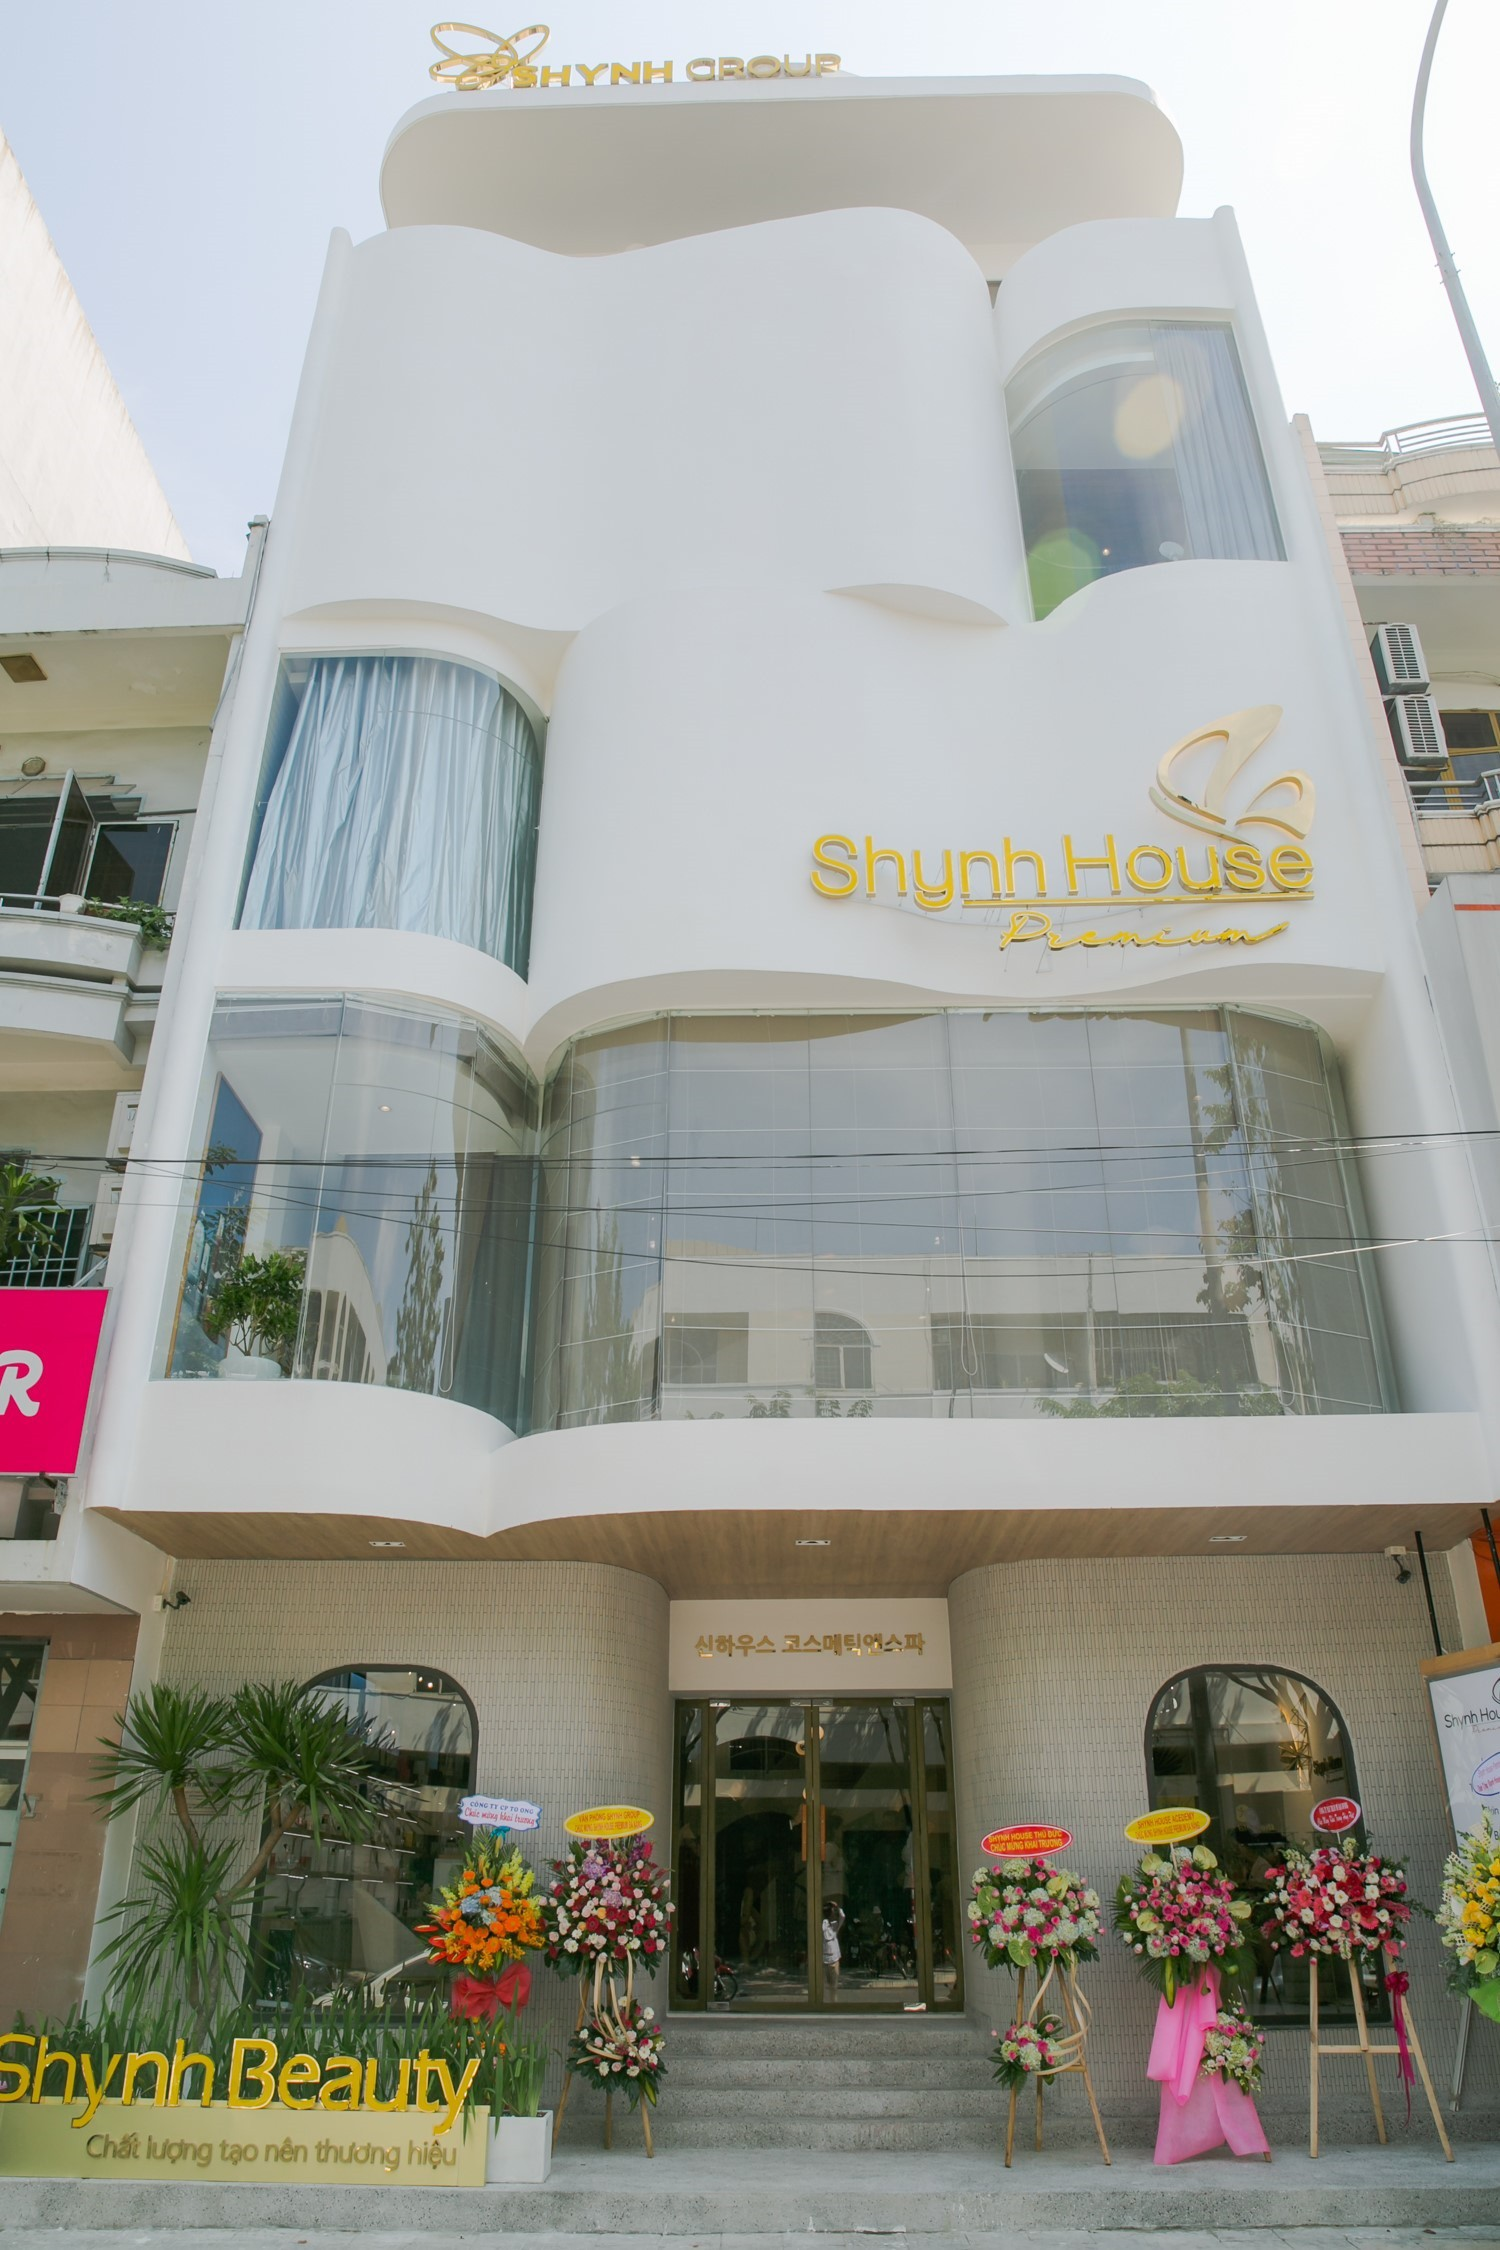 Shynh House Đà Nẵng thu hút khách với không gian đẳng cấp - Ảnh 1.